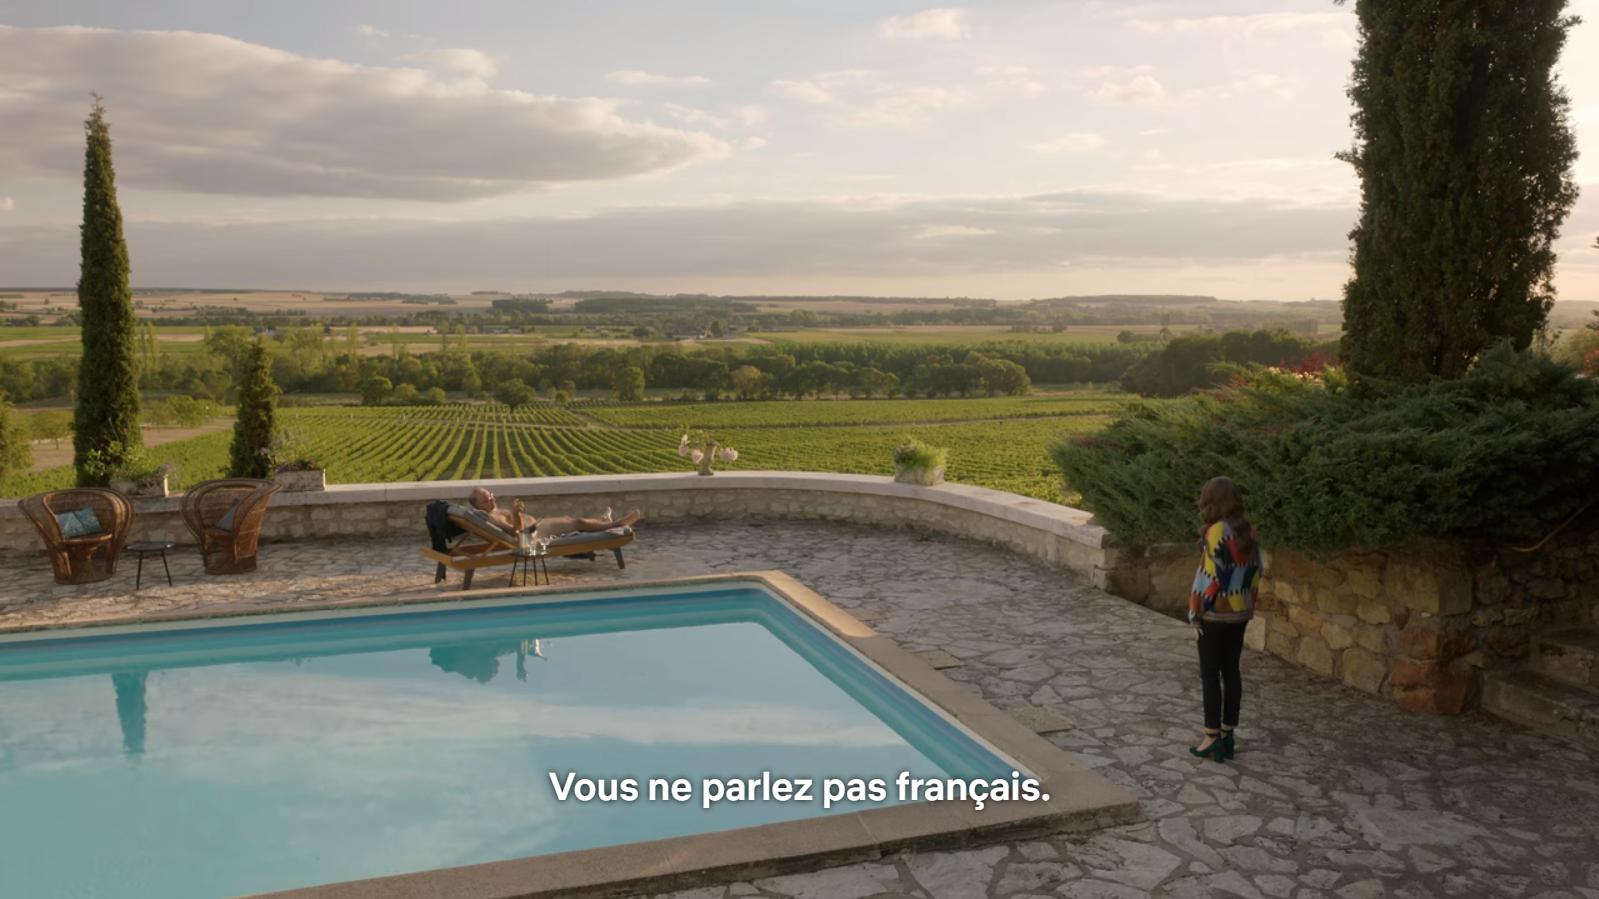 Les Français, ces grands libertins qui se moque de la nudité (au milieu de vignes de Champagne)...